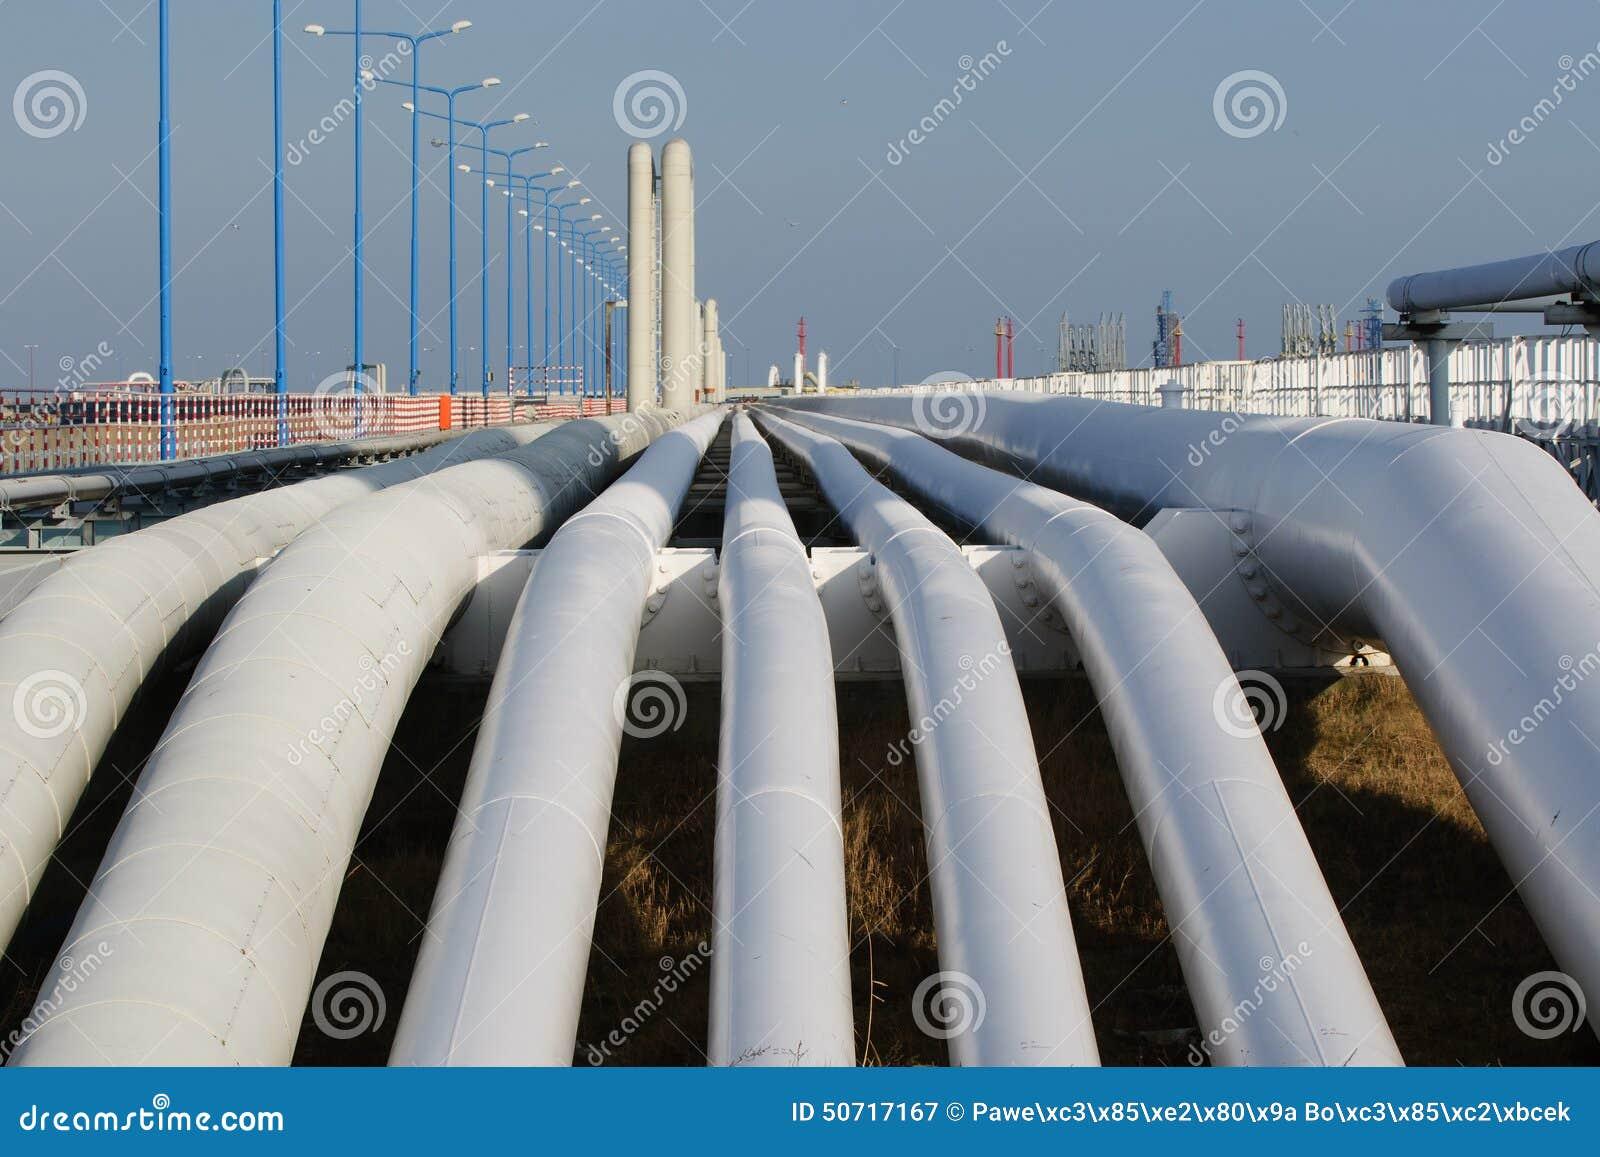 Botten som skjutas av en rörledning på solnedgången Rörledningtrans. är mest gemensam väg av att transportera gods liksom olja, n